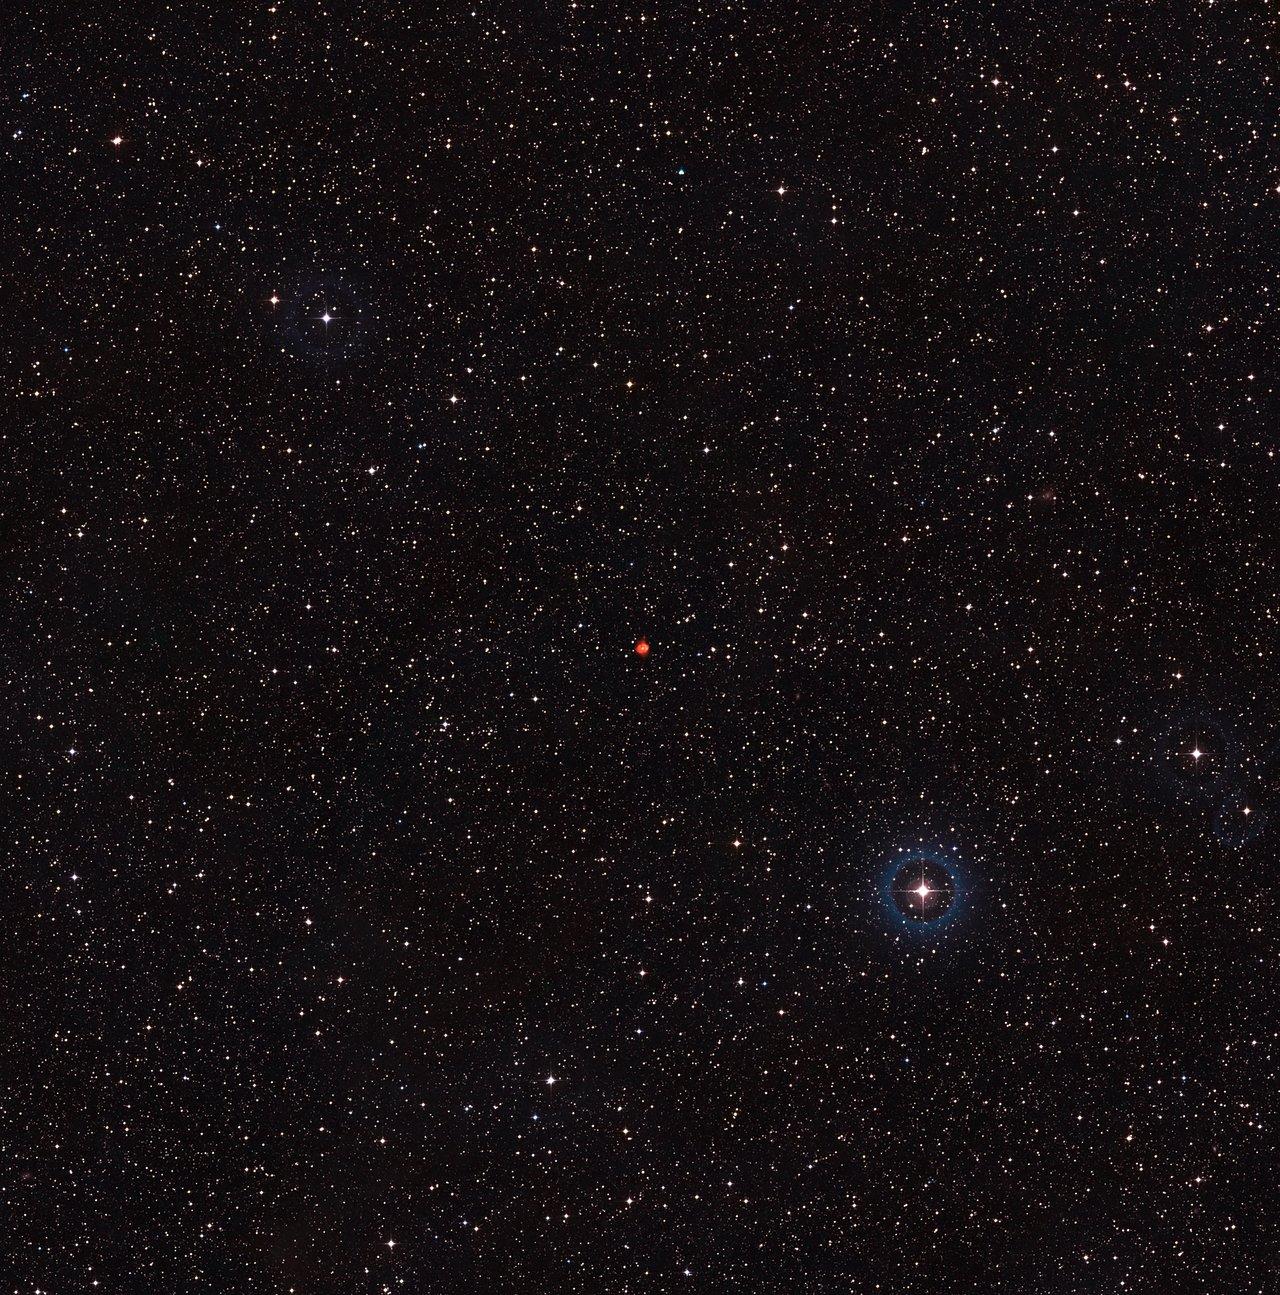 Vue à grand champ du ciel autour de la nébuleuse planétaire Fleming I